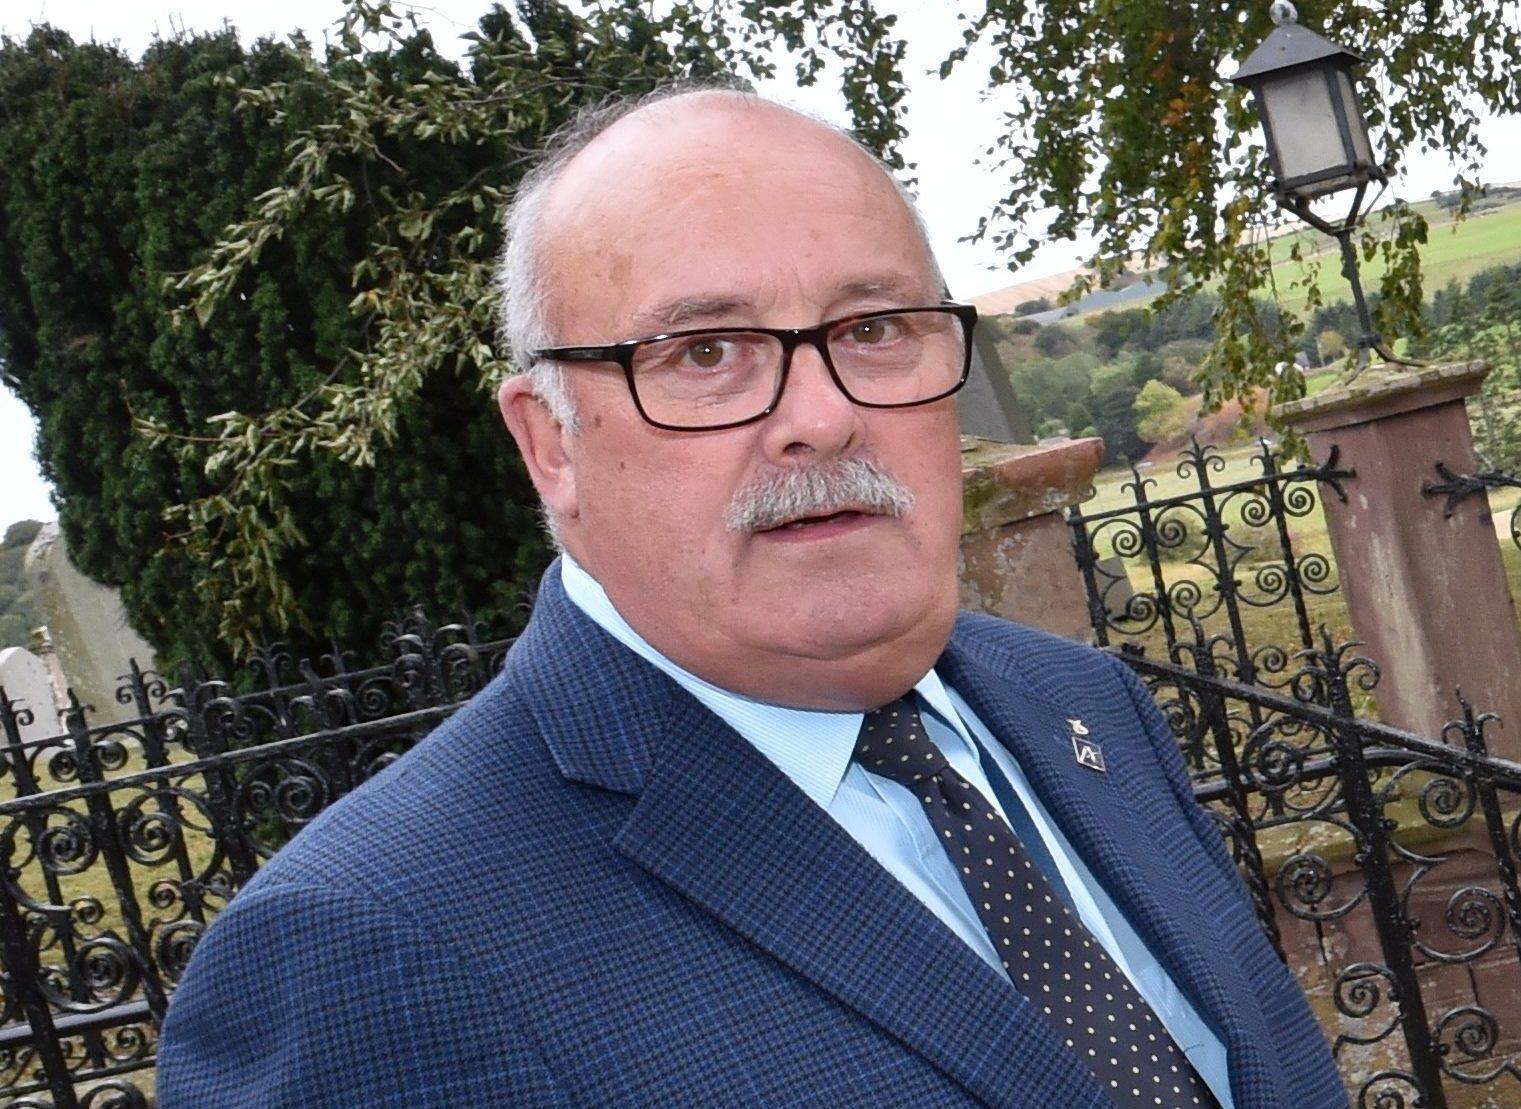 Councillor Alastair Forsyth